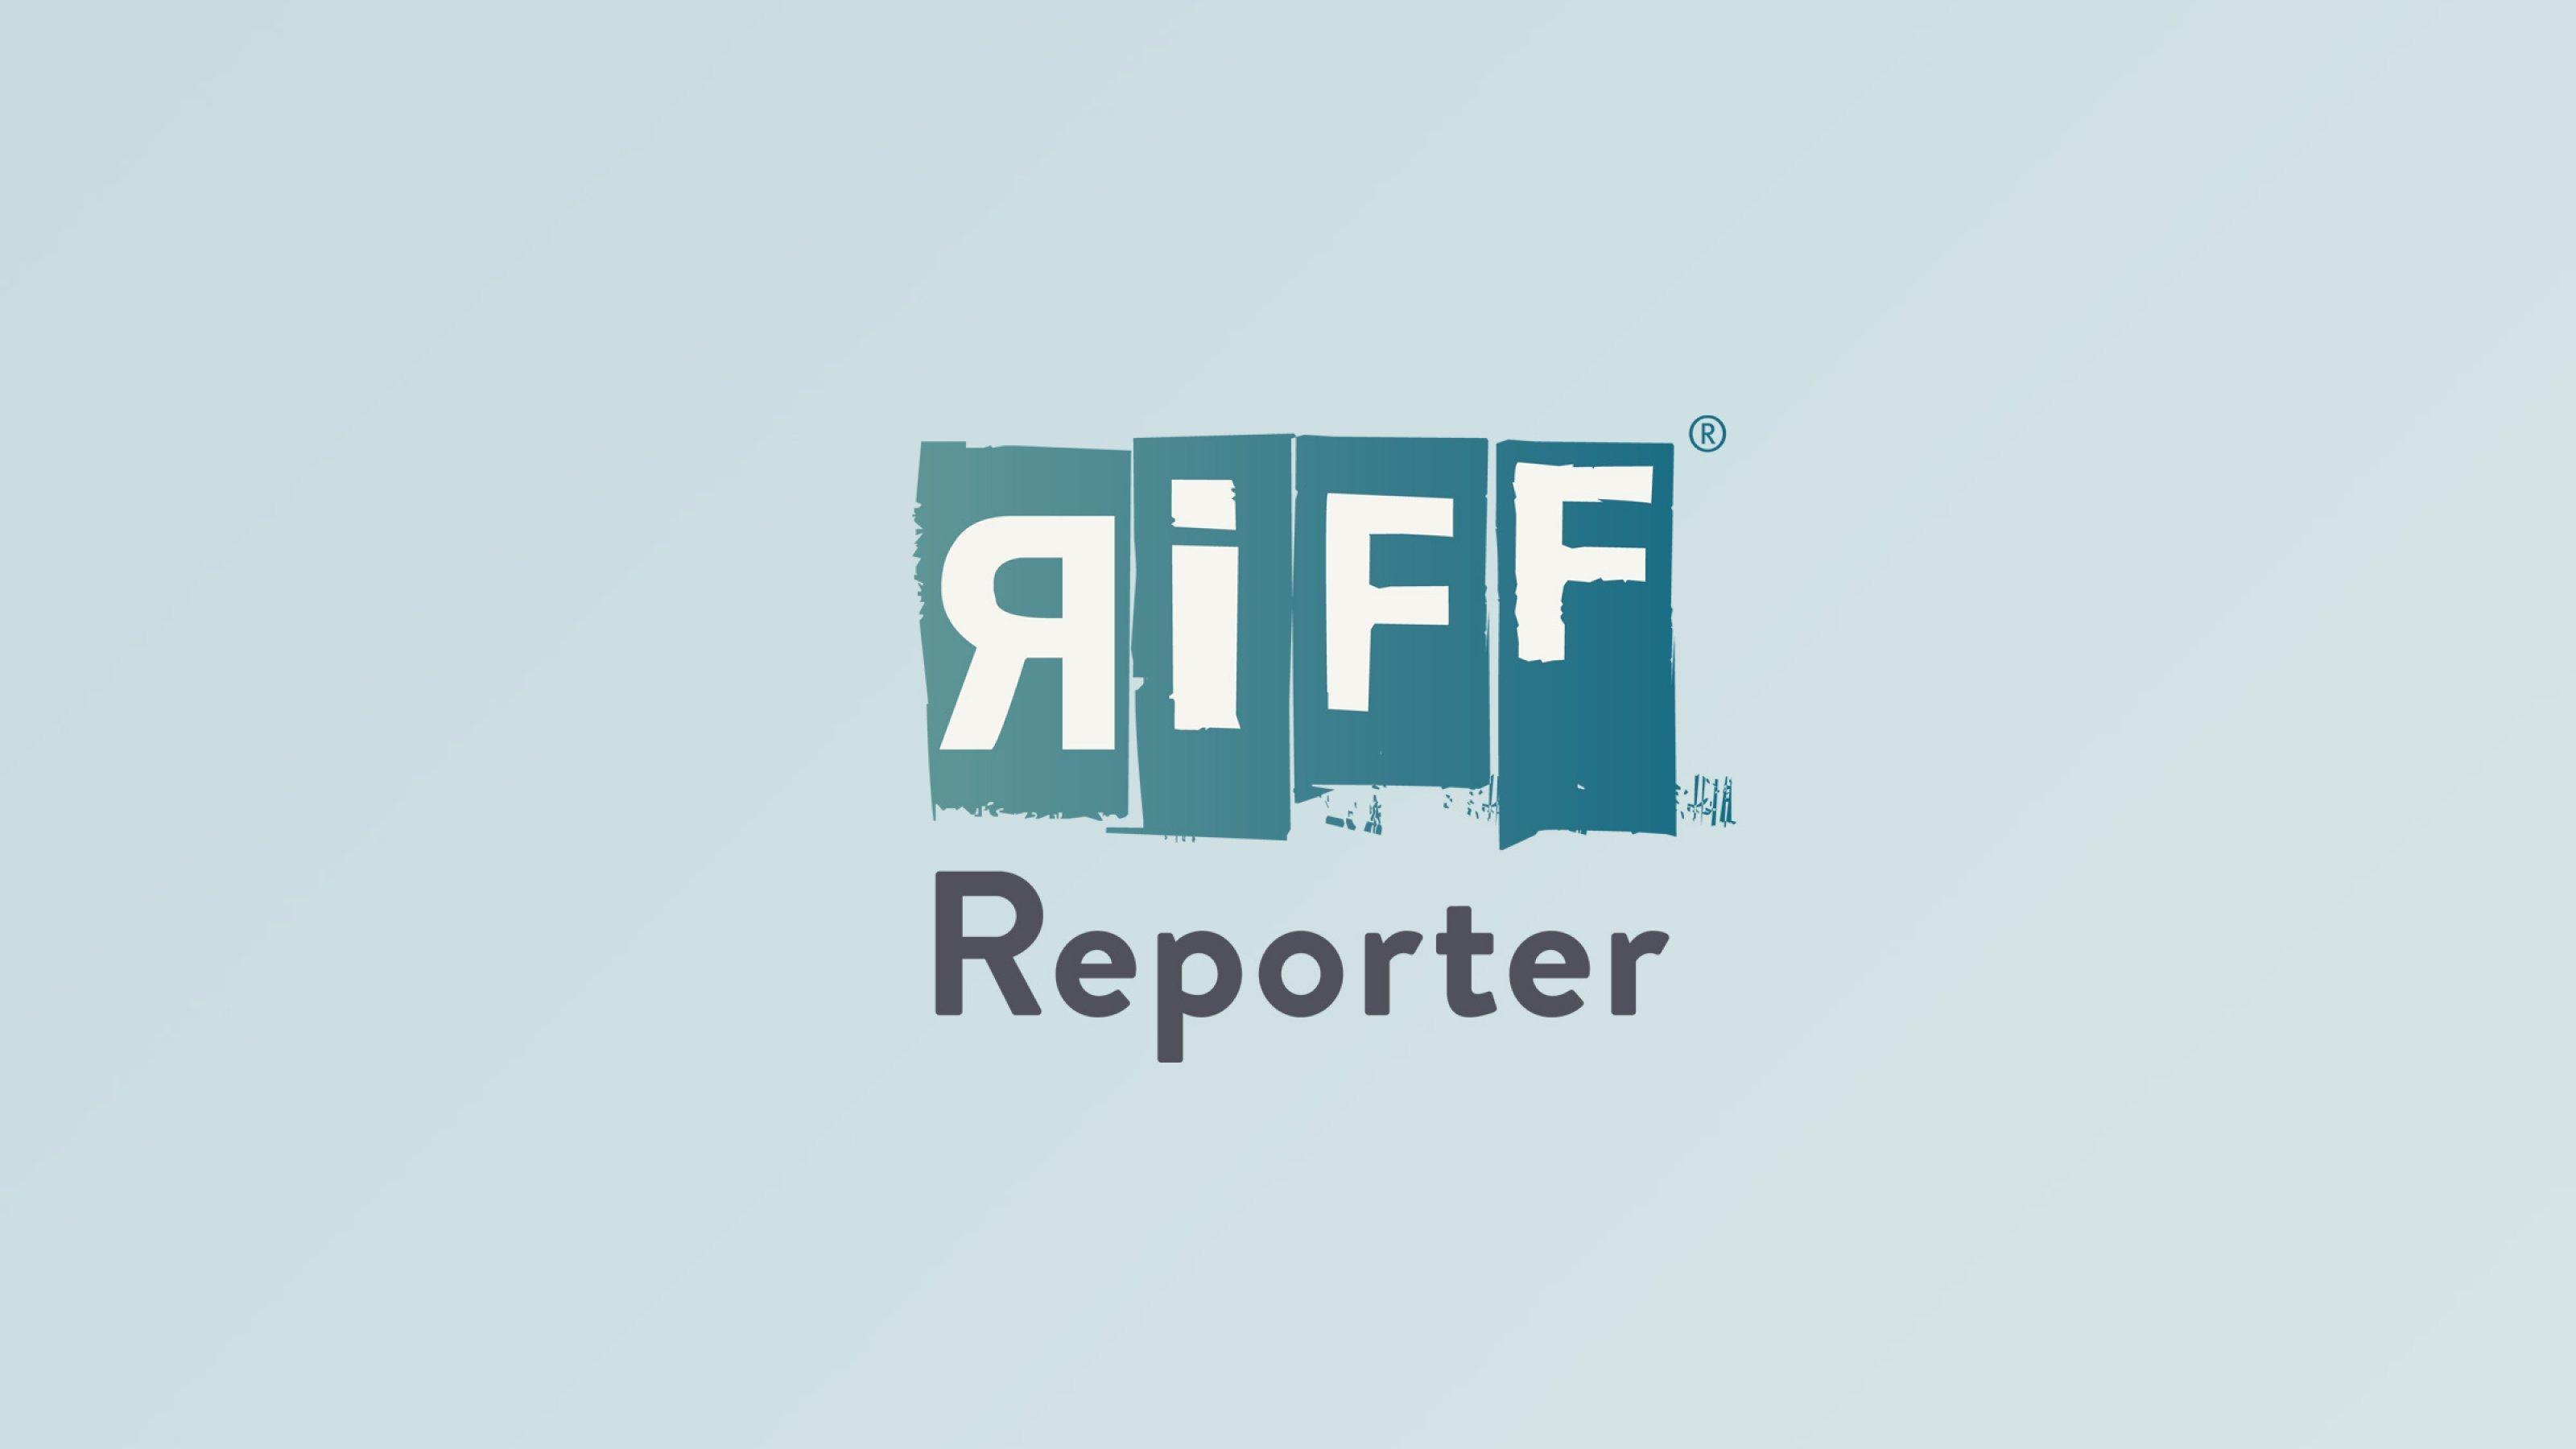 Ein Mann tippt an einem Laptop die URL gesund.bund.de in ein Suchfenster ein.